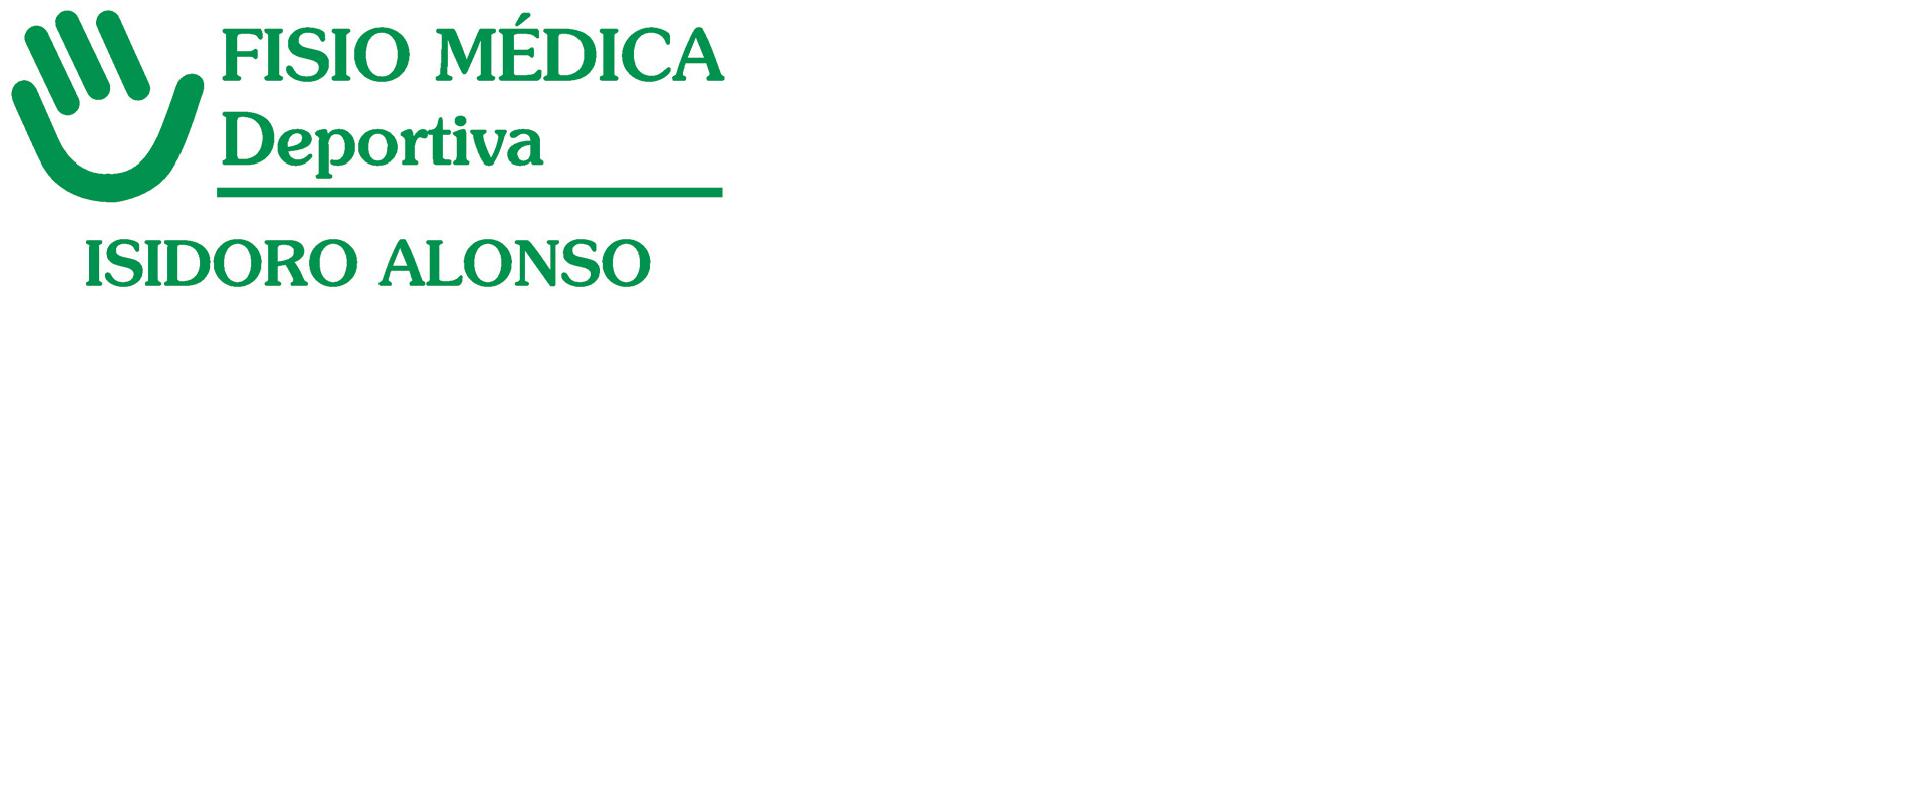 Centro Fisio Médica Deportiva-Isidoro Alonso